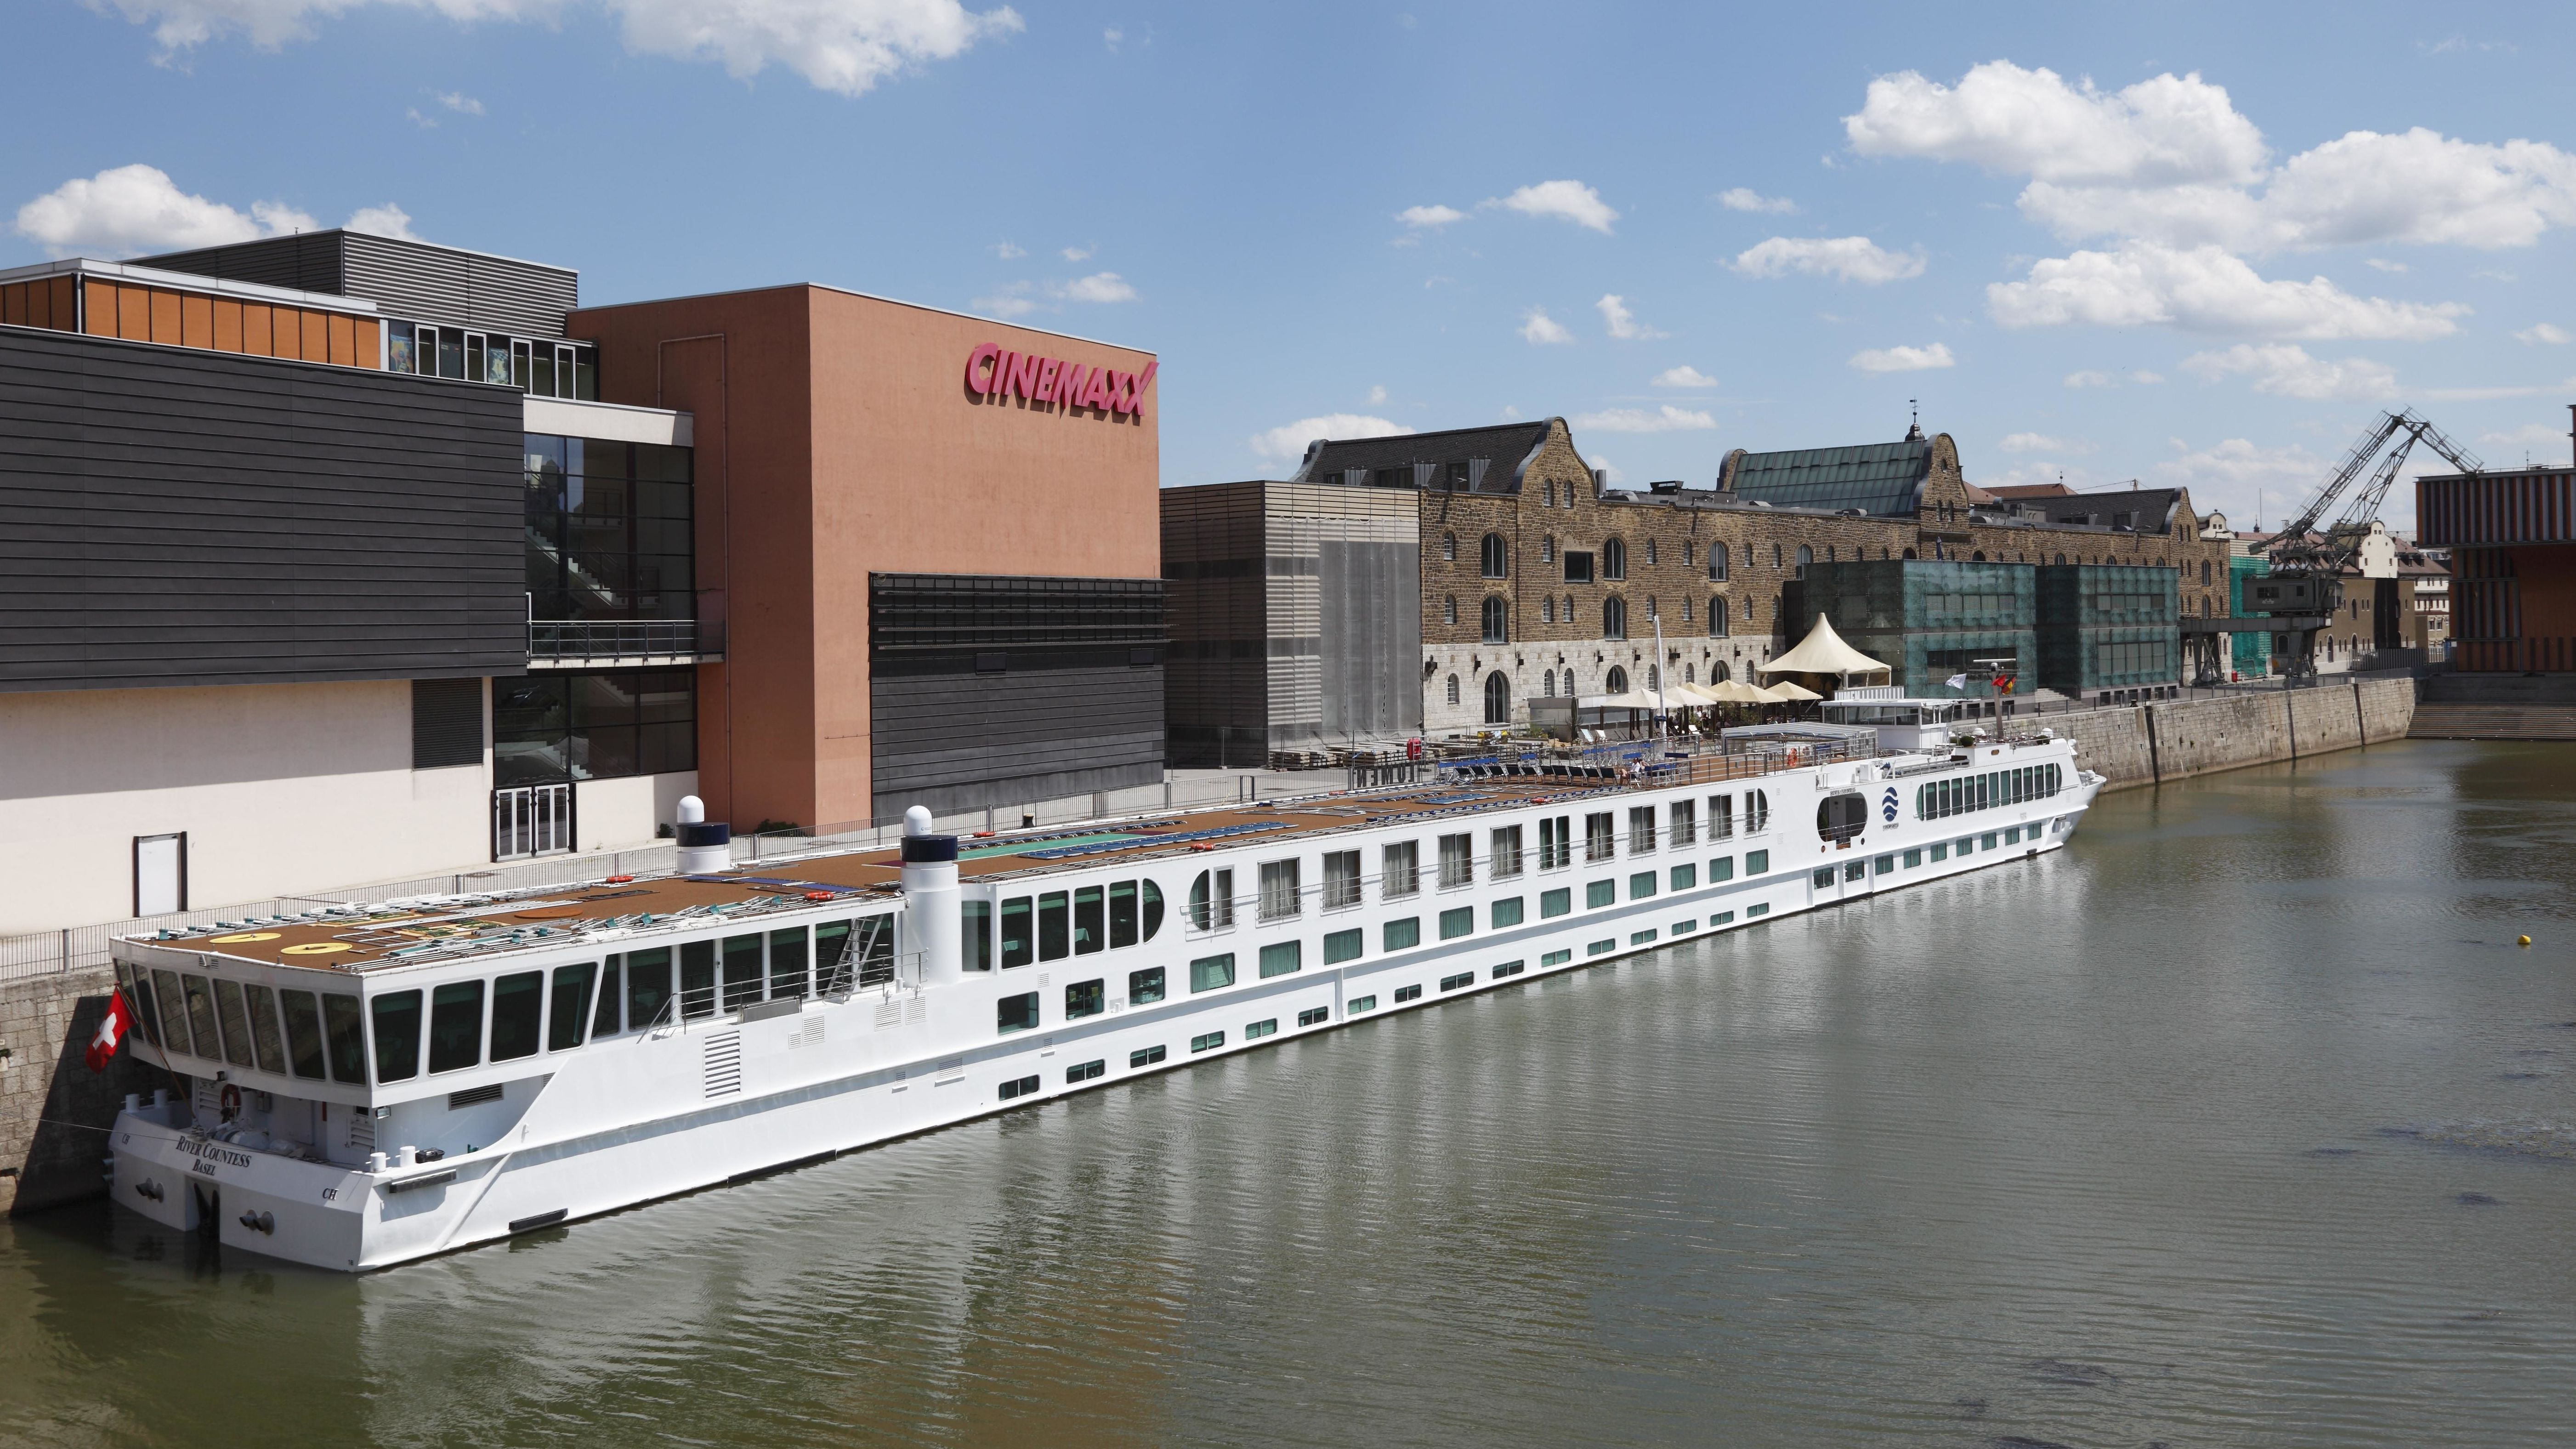 Ein Flusskreuzfahrtschiff am Alten Hafen in Würzburg